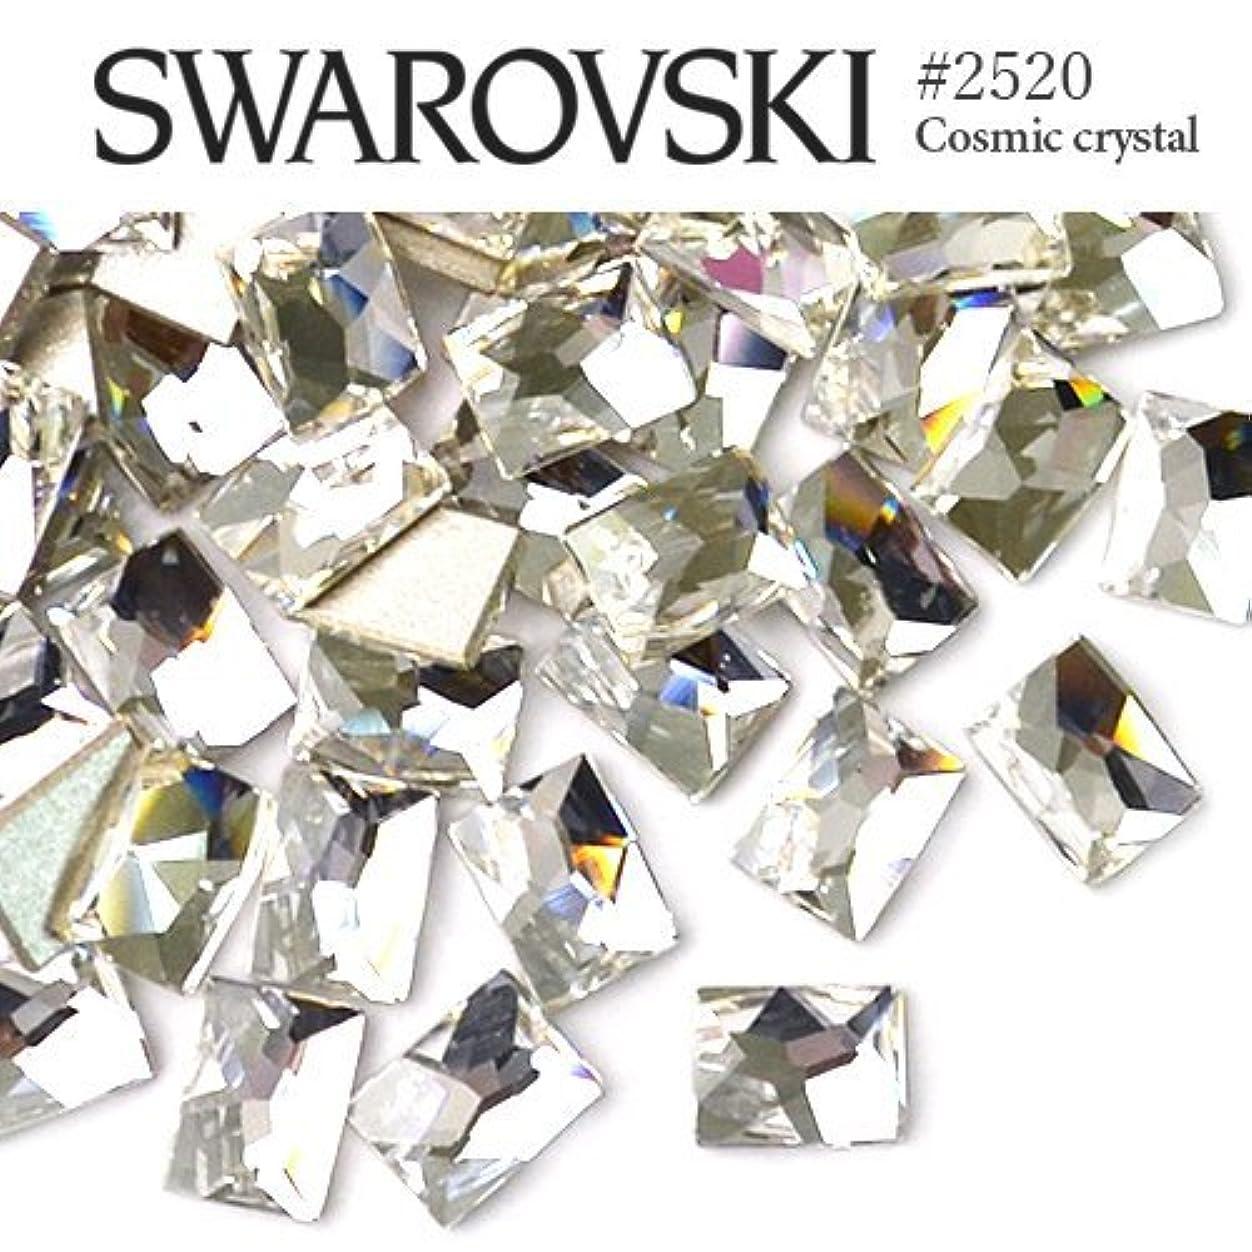 有効な天窓今#2520 コズミック (長方形) [クリスタル] 3粒入り スワロフスキー ラインストーン レジン パーツ ネイルパーツ ジェルネイル デコパーツ スワロ